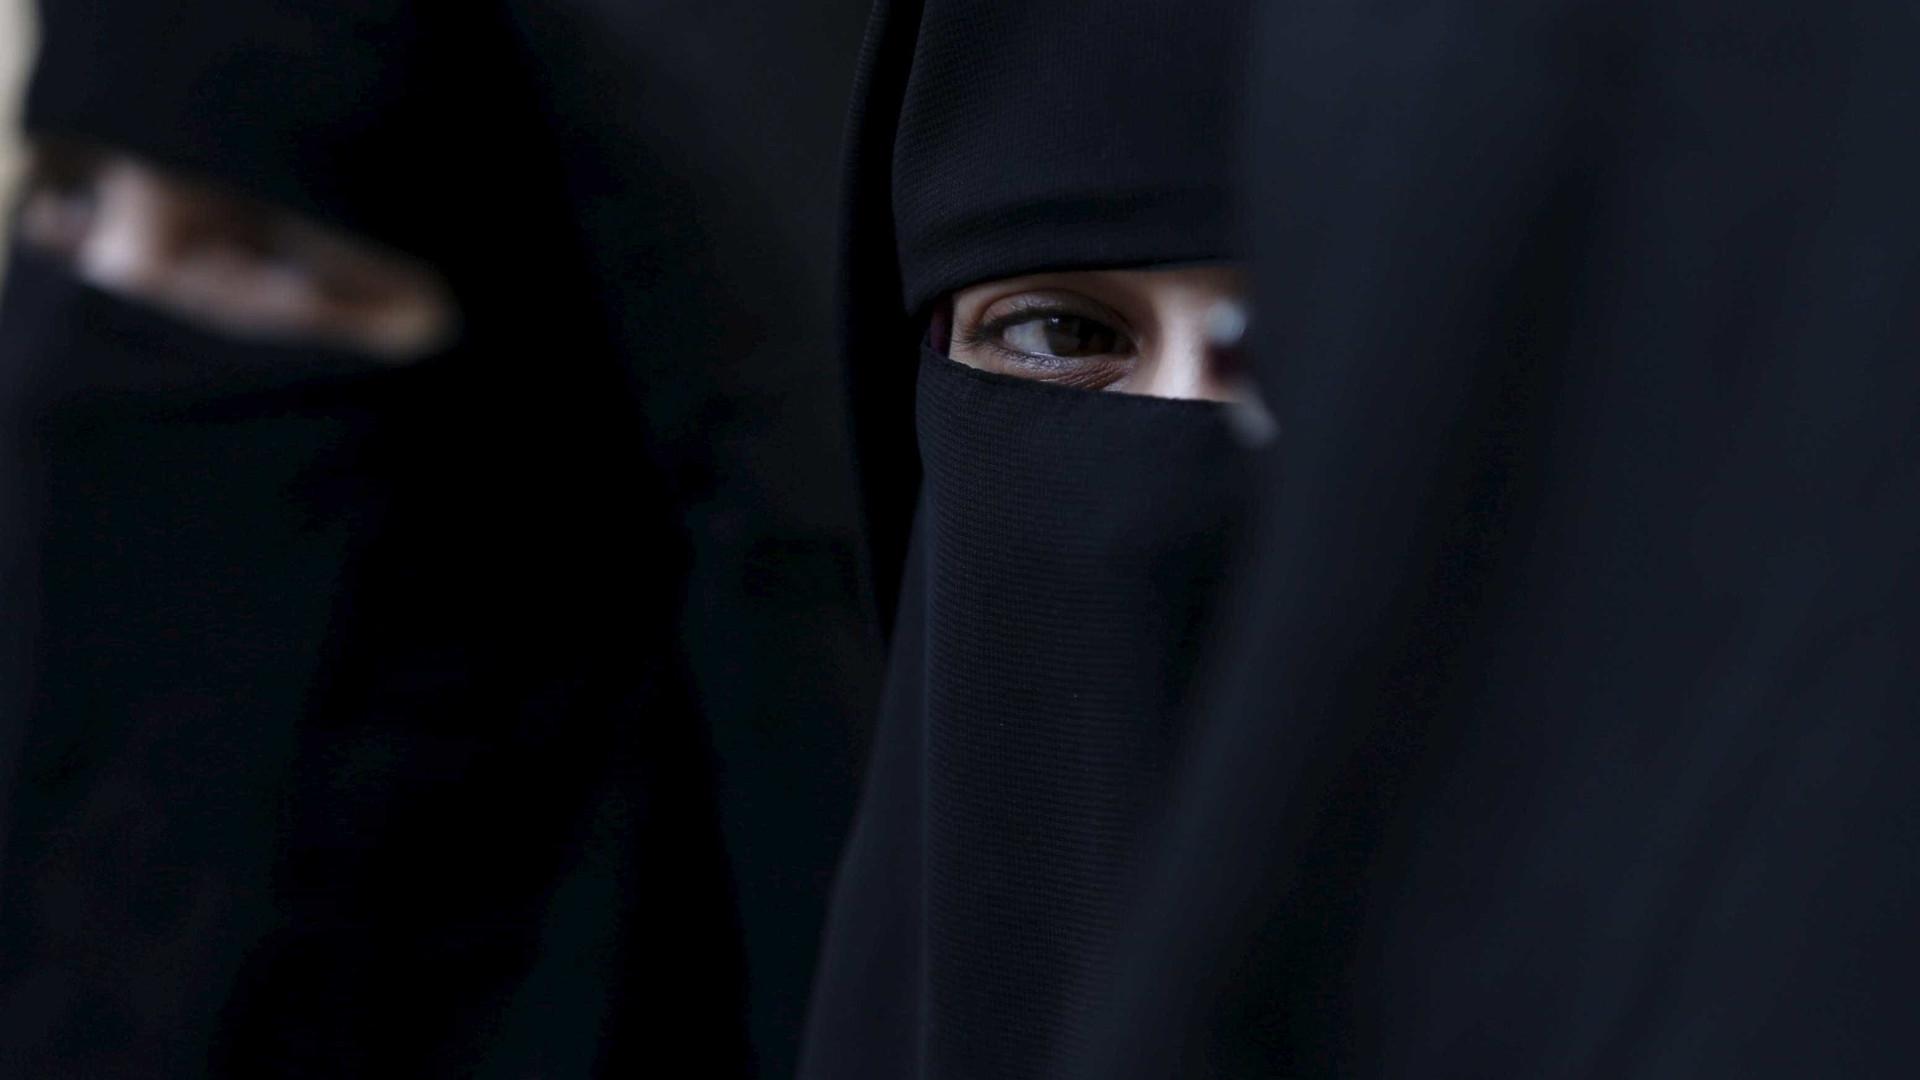 Senadora australiana veste burca para pedir proibição da roupa